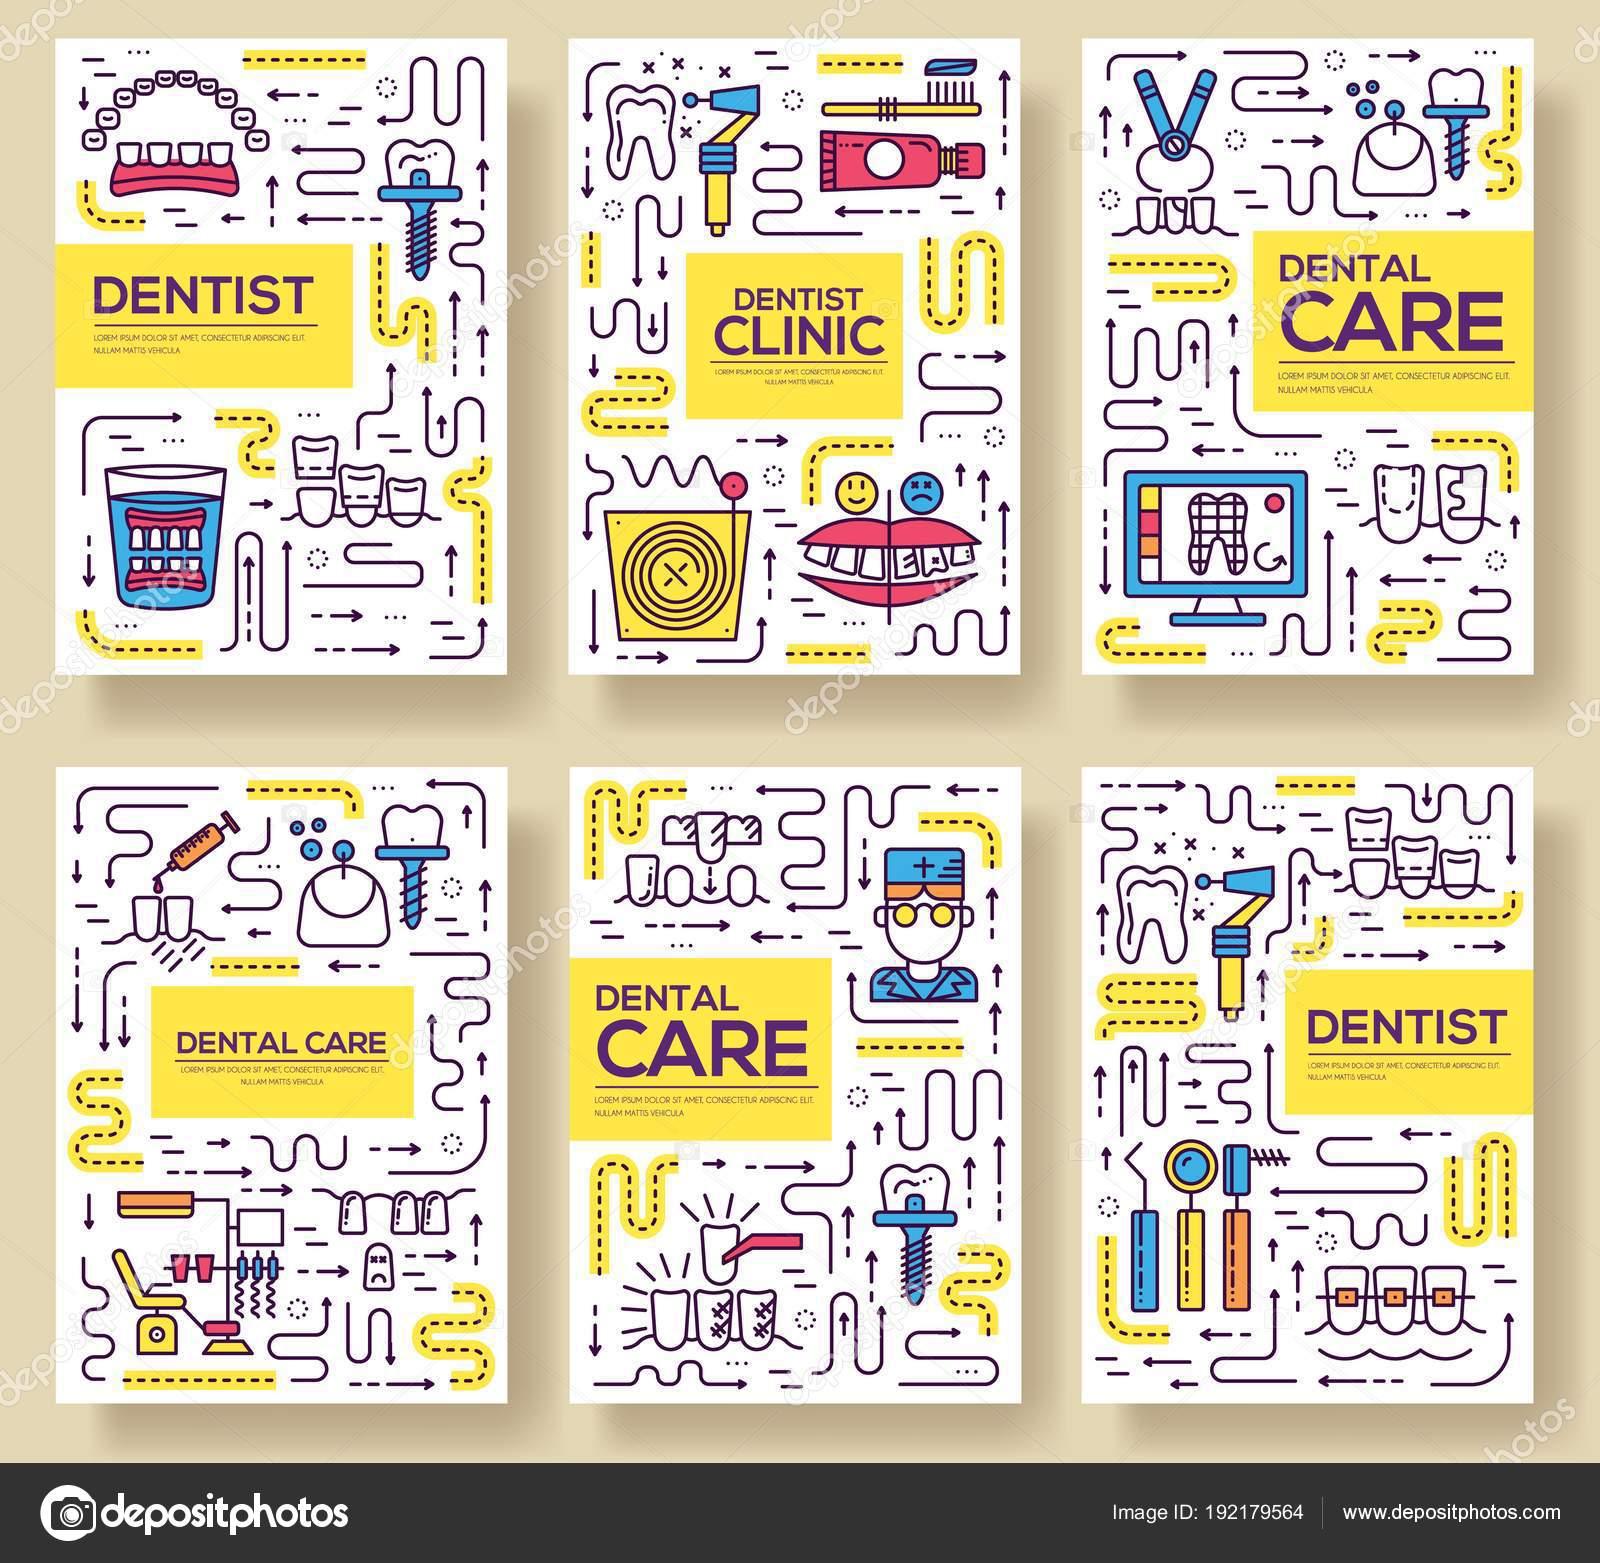 Dünne Linie Zahnarzt Klinik Backen Broschüre Karten festgelegt. Dent ...